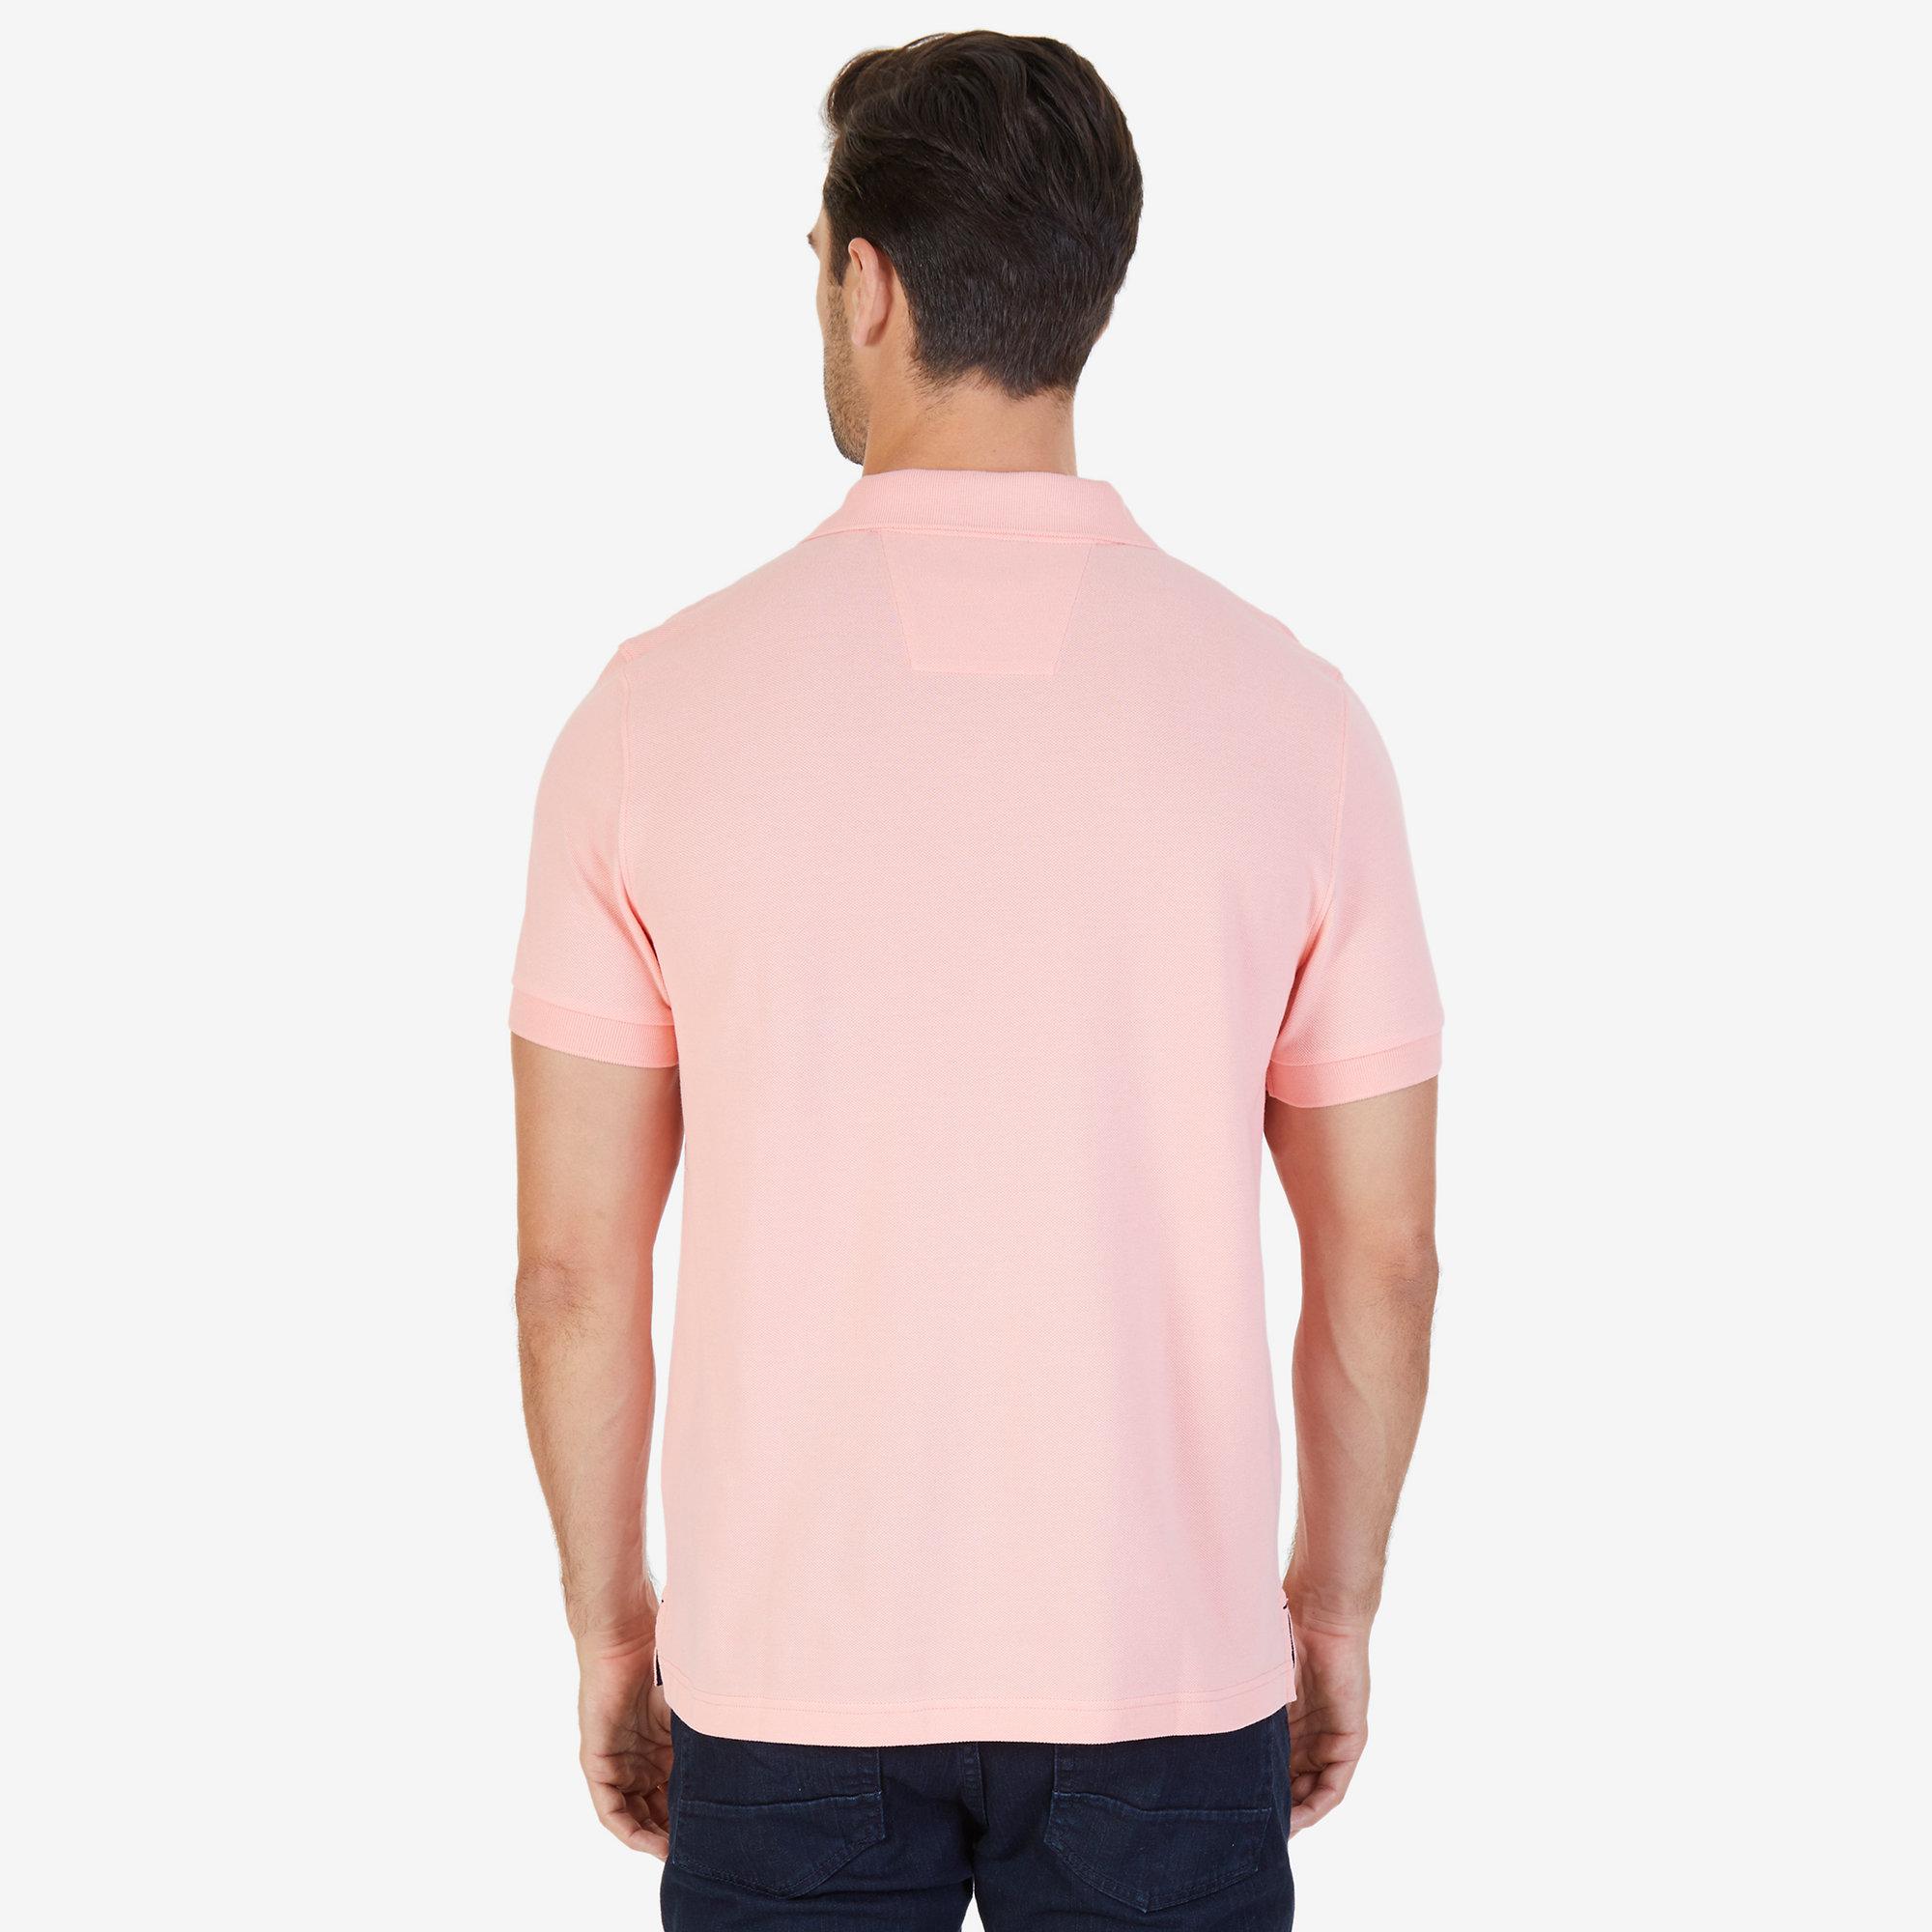 Nautica Mens Clothing Usa